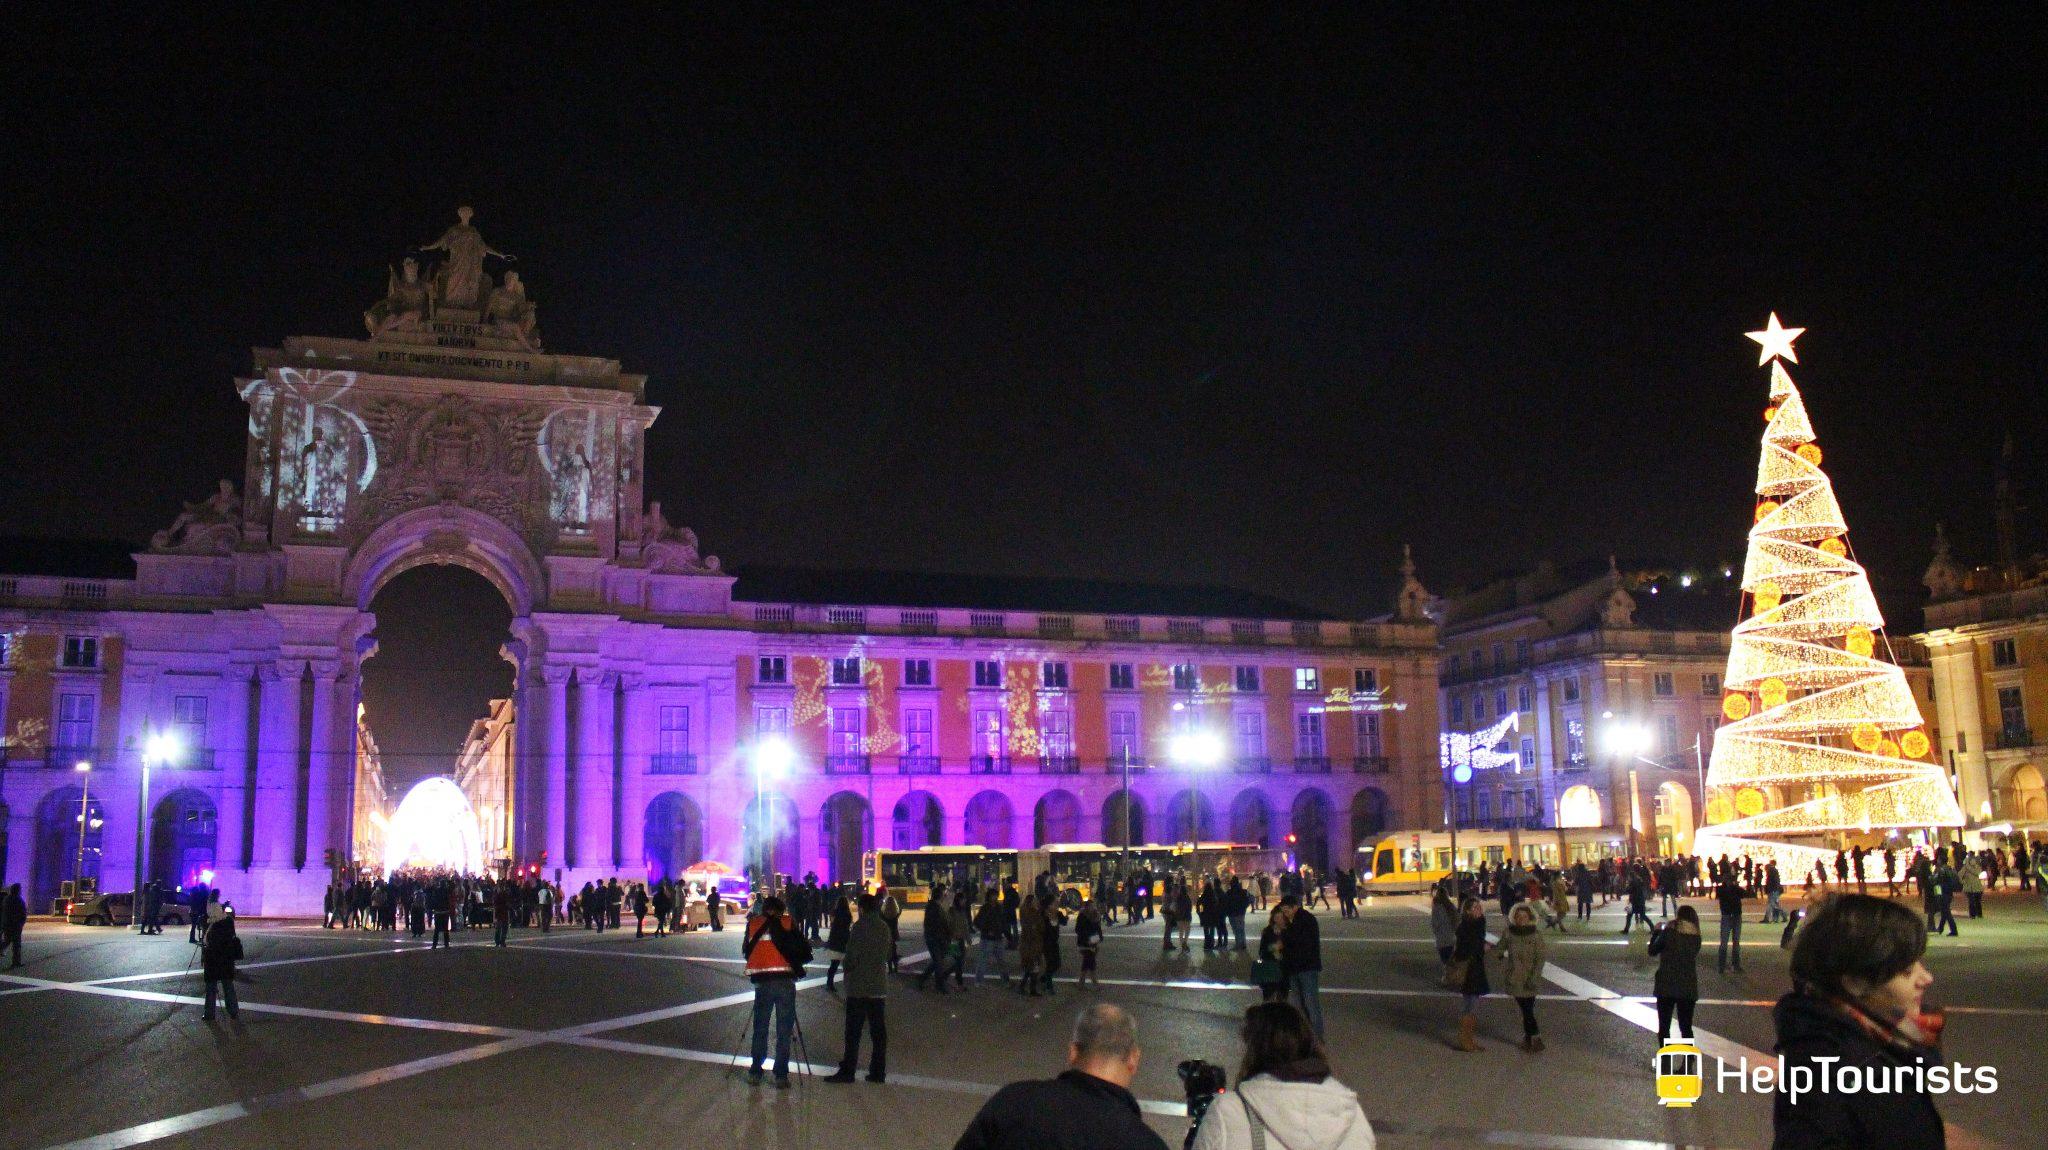 Lissabon Weihnachten Handelsplatz